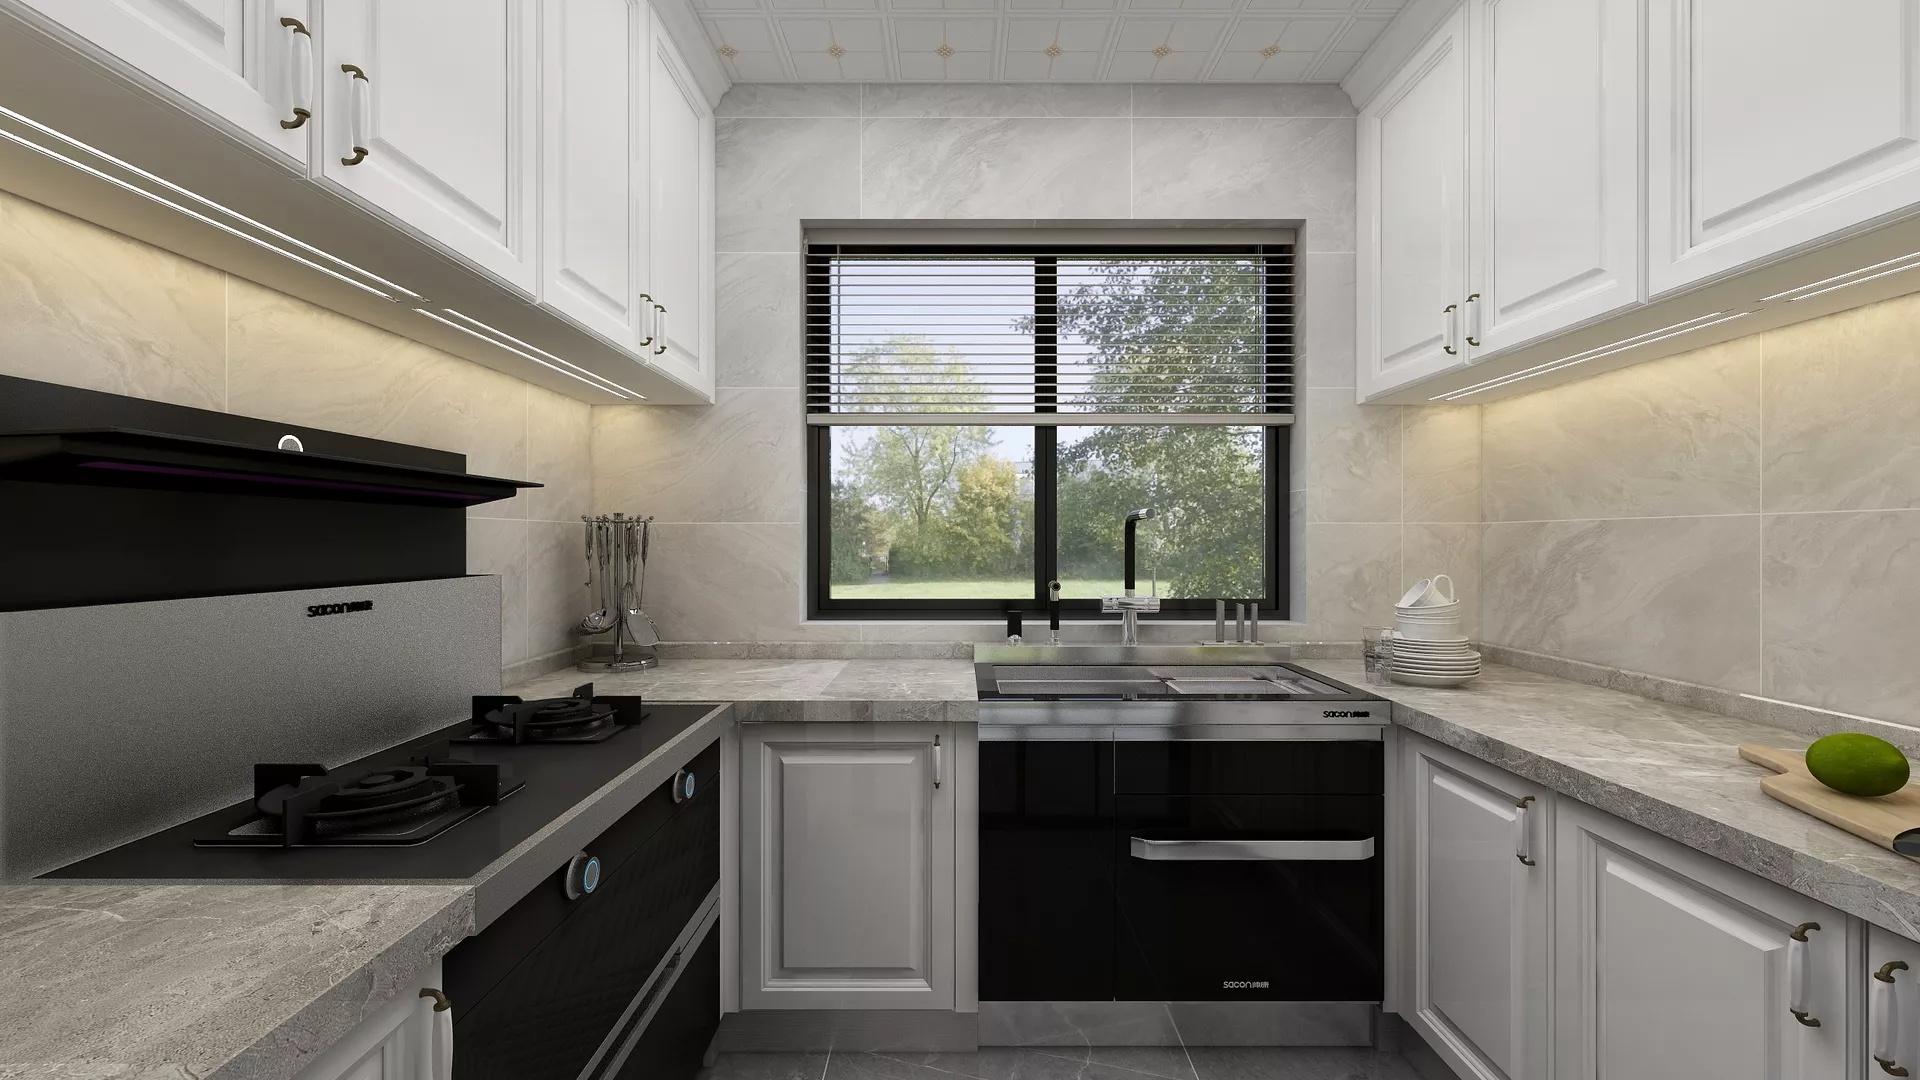 厨房装修有哪些要点不容忽视?